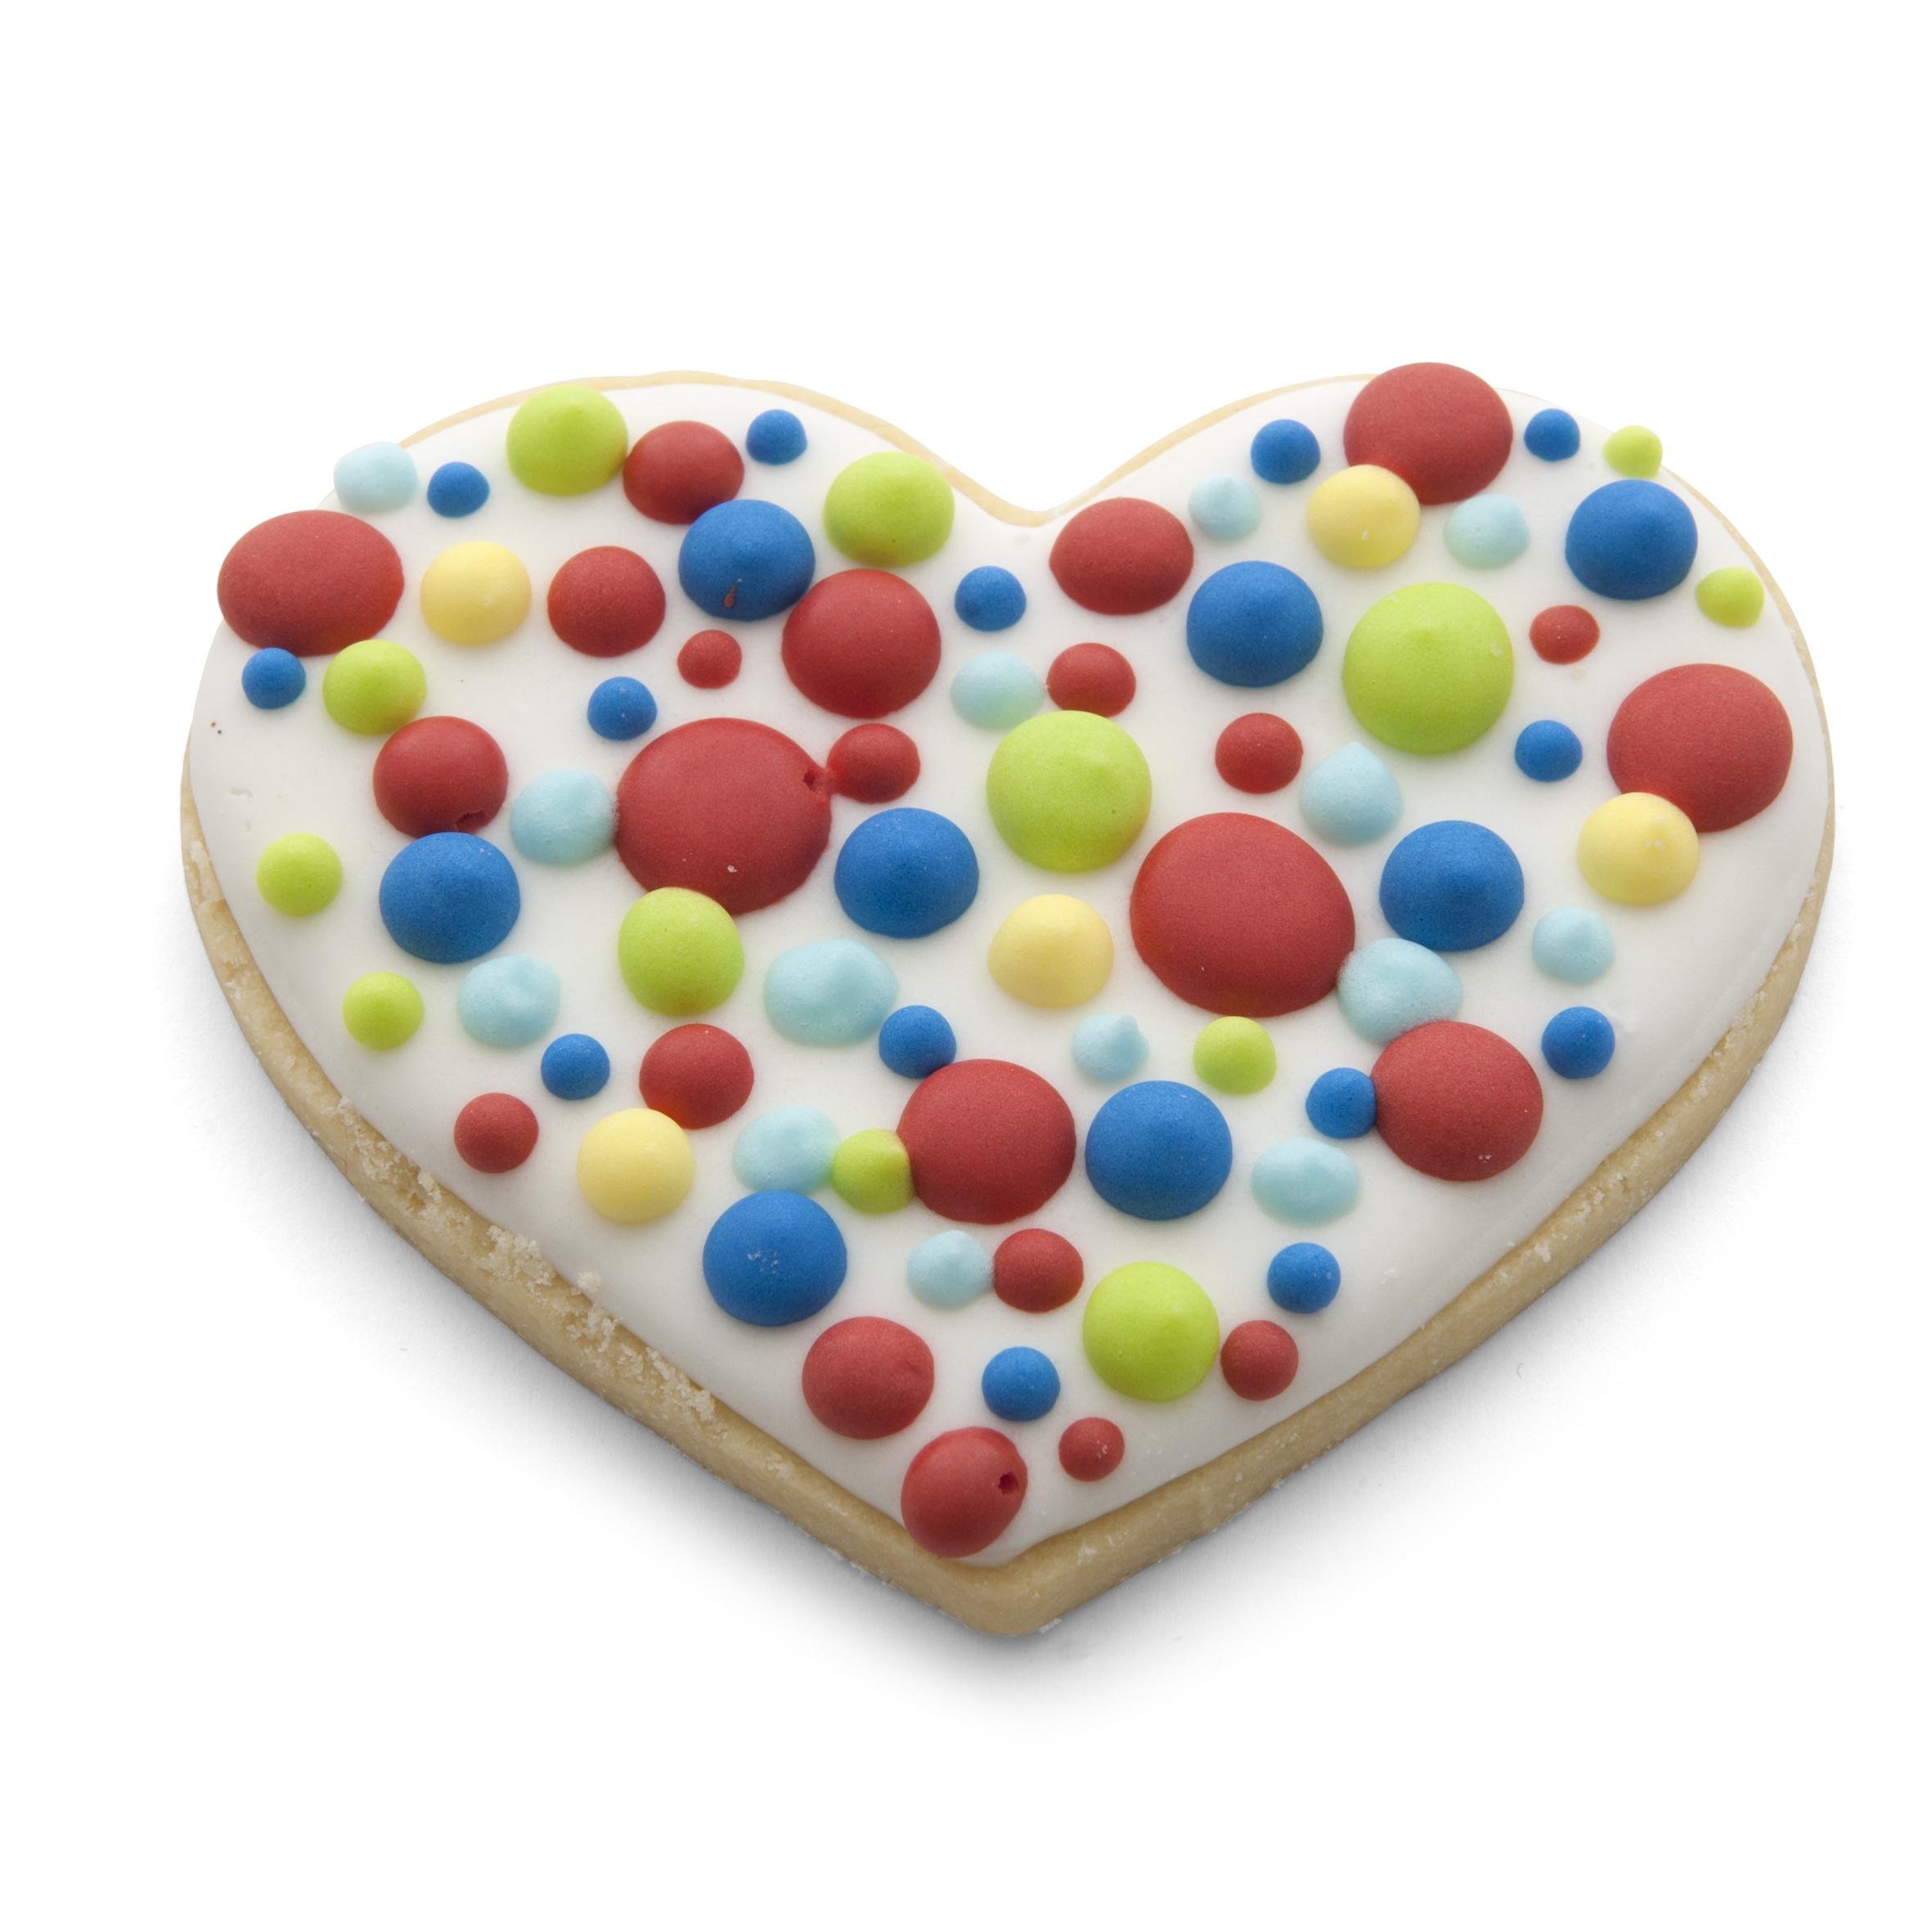 Heart Large Cookie Cutter Handmade Cuttercraft